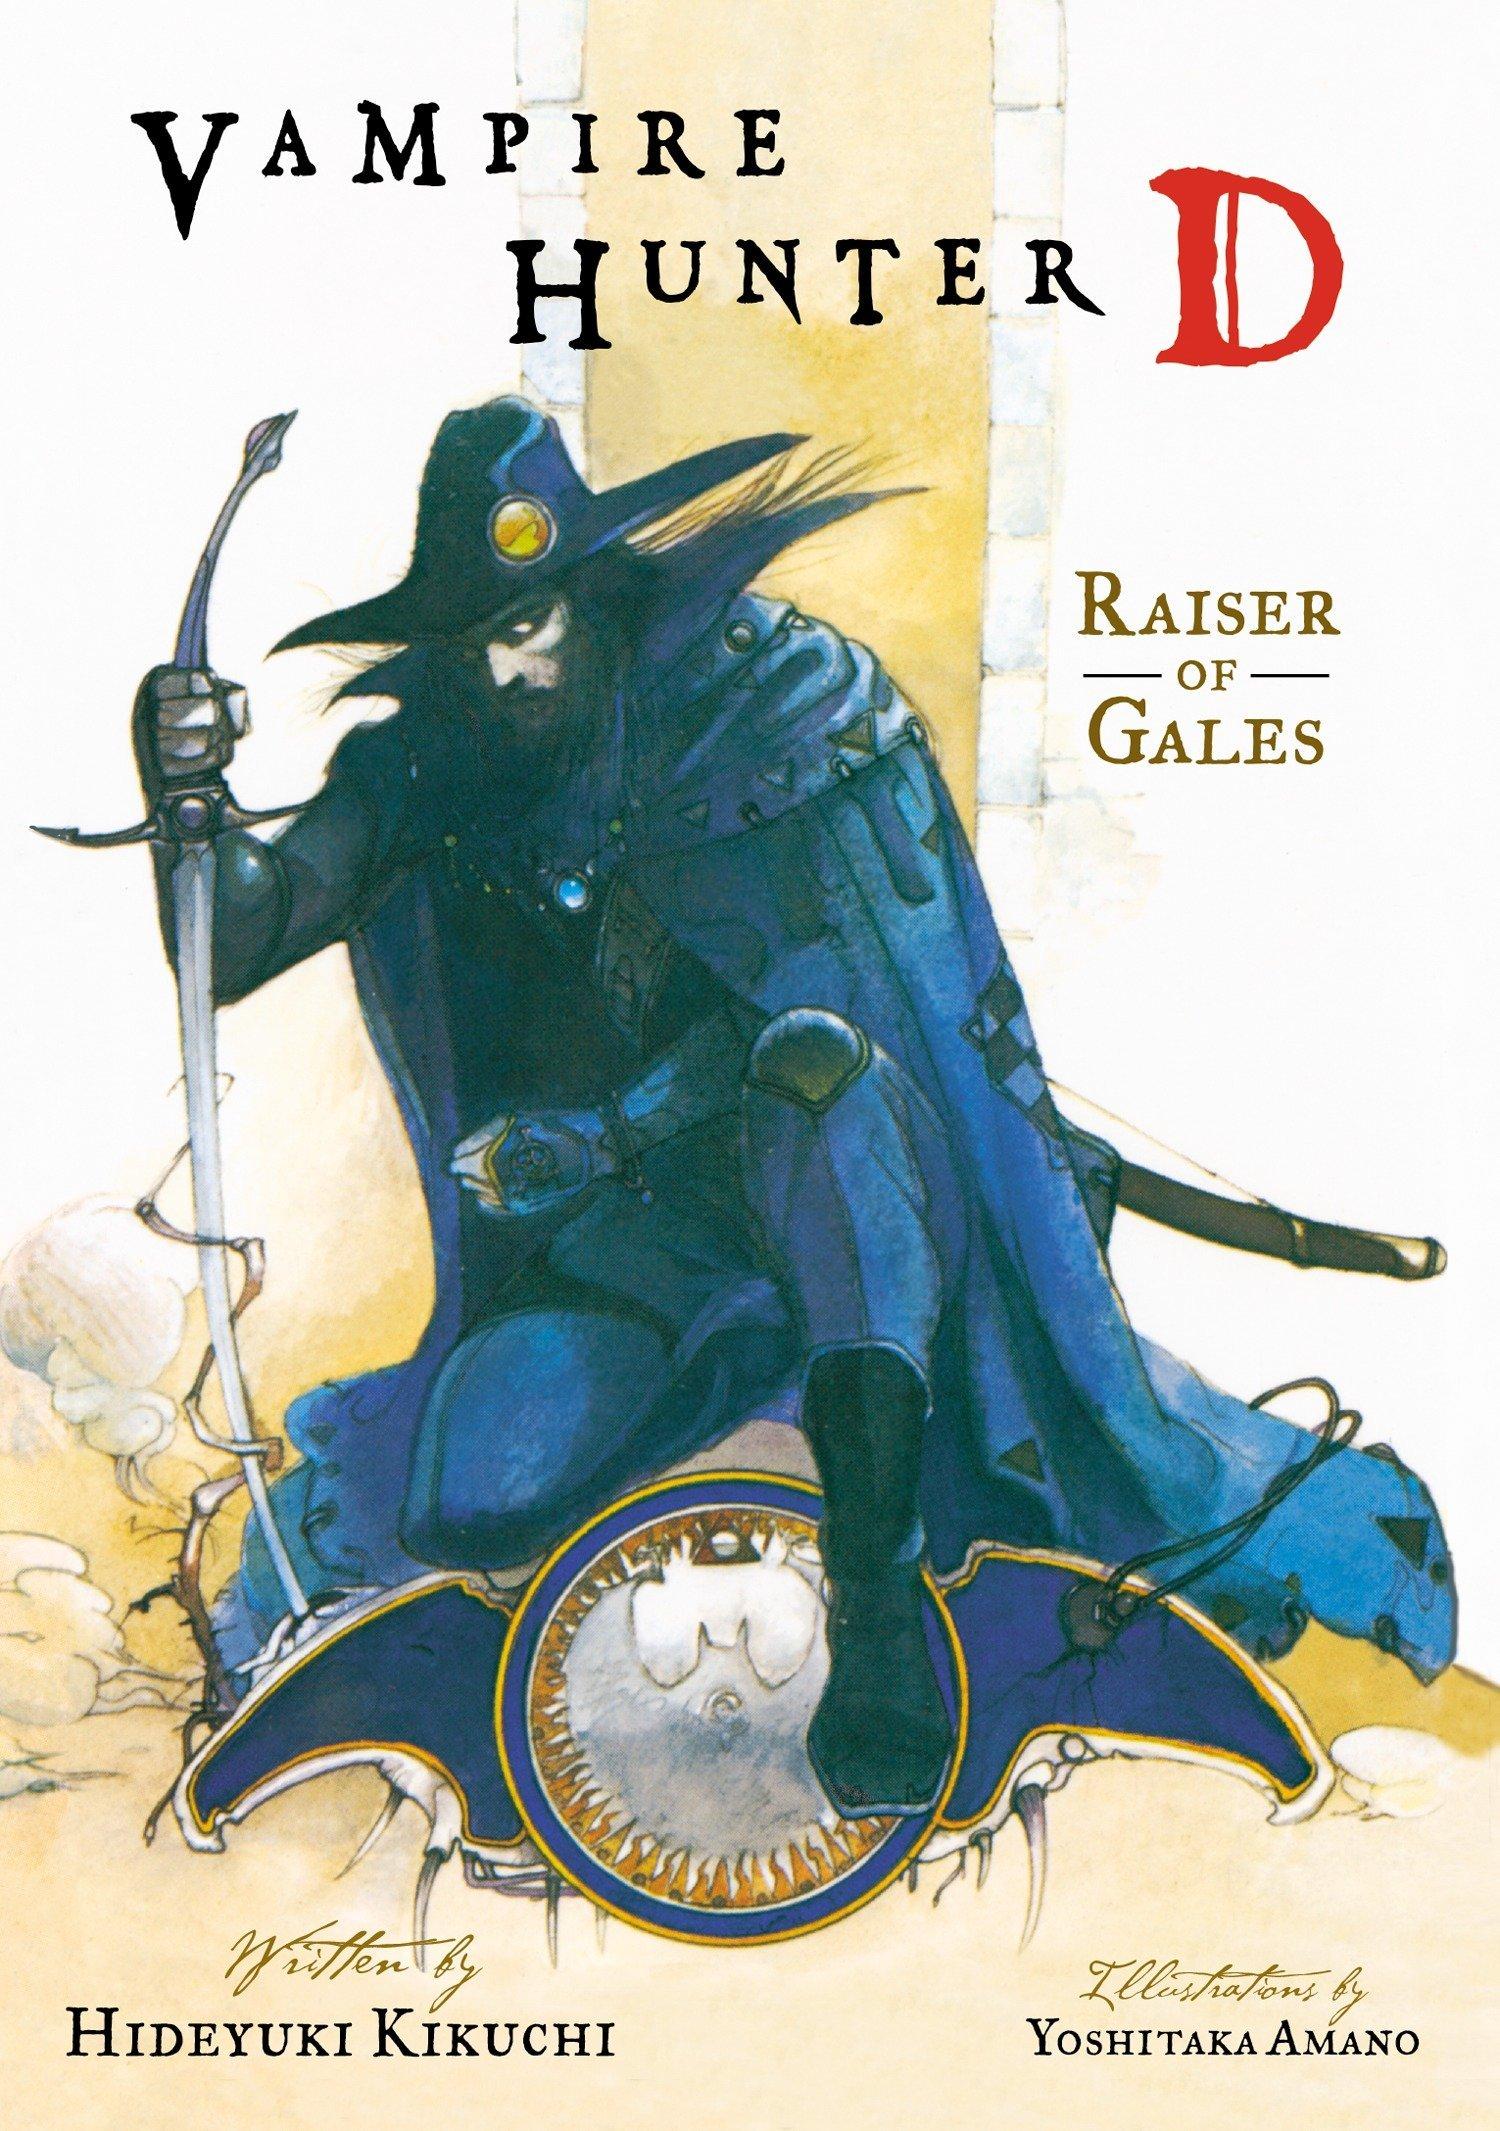 Vampire Hunter D, Vol. 2: Raiser of Gales Text fb2 ebook